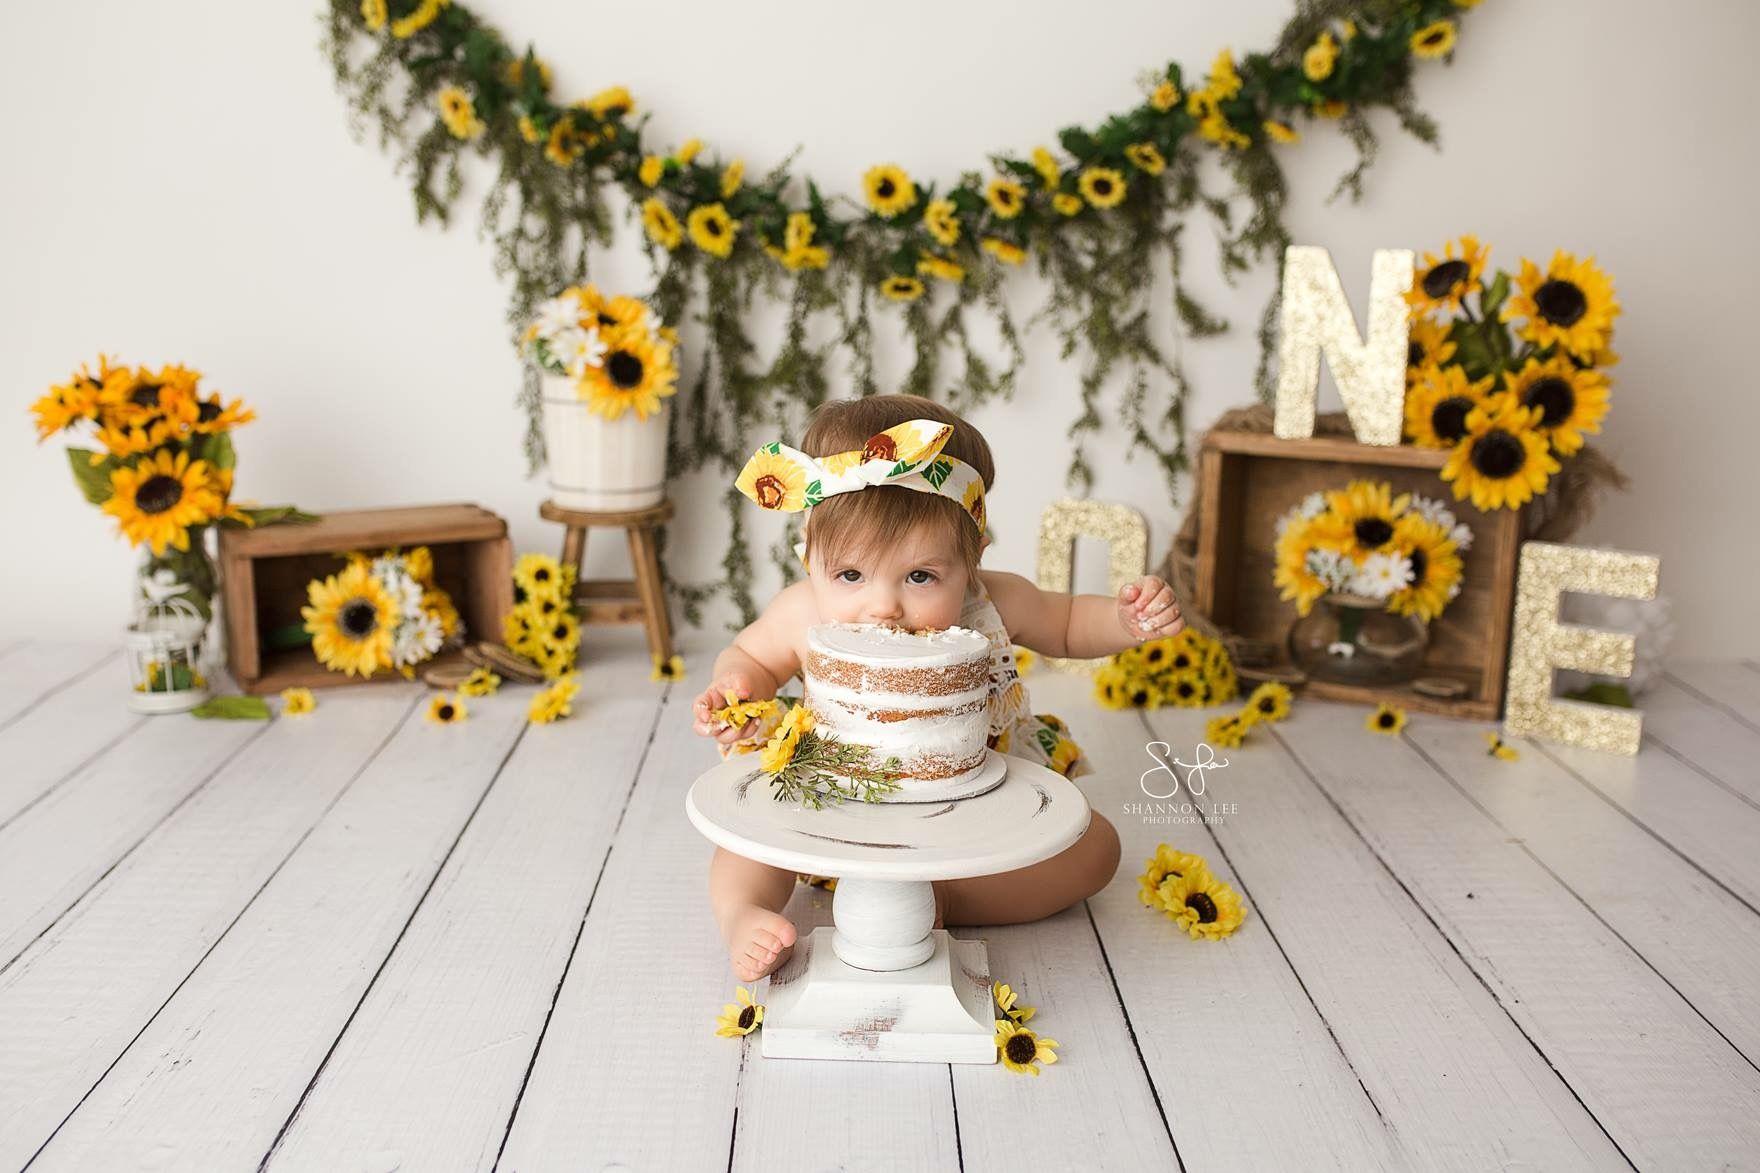 75c110cf7f1 Sunflowers Cake Smash. Sunflowers Cake Smash Baby Girl ...